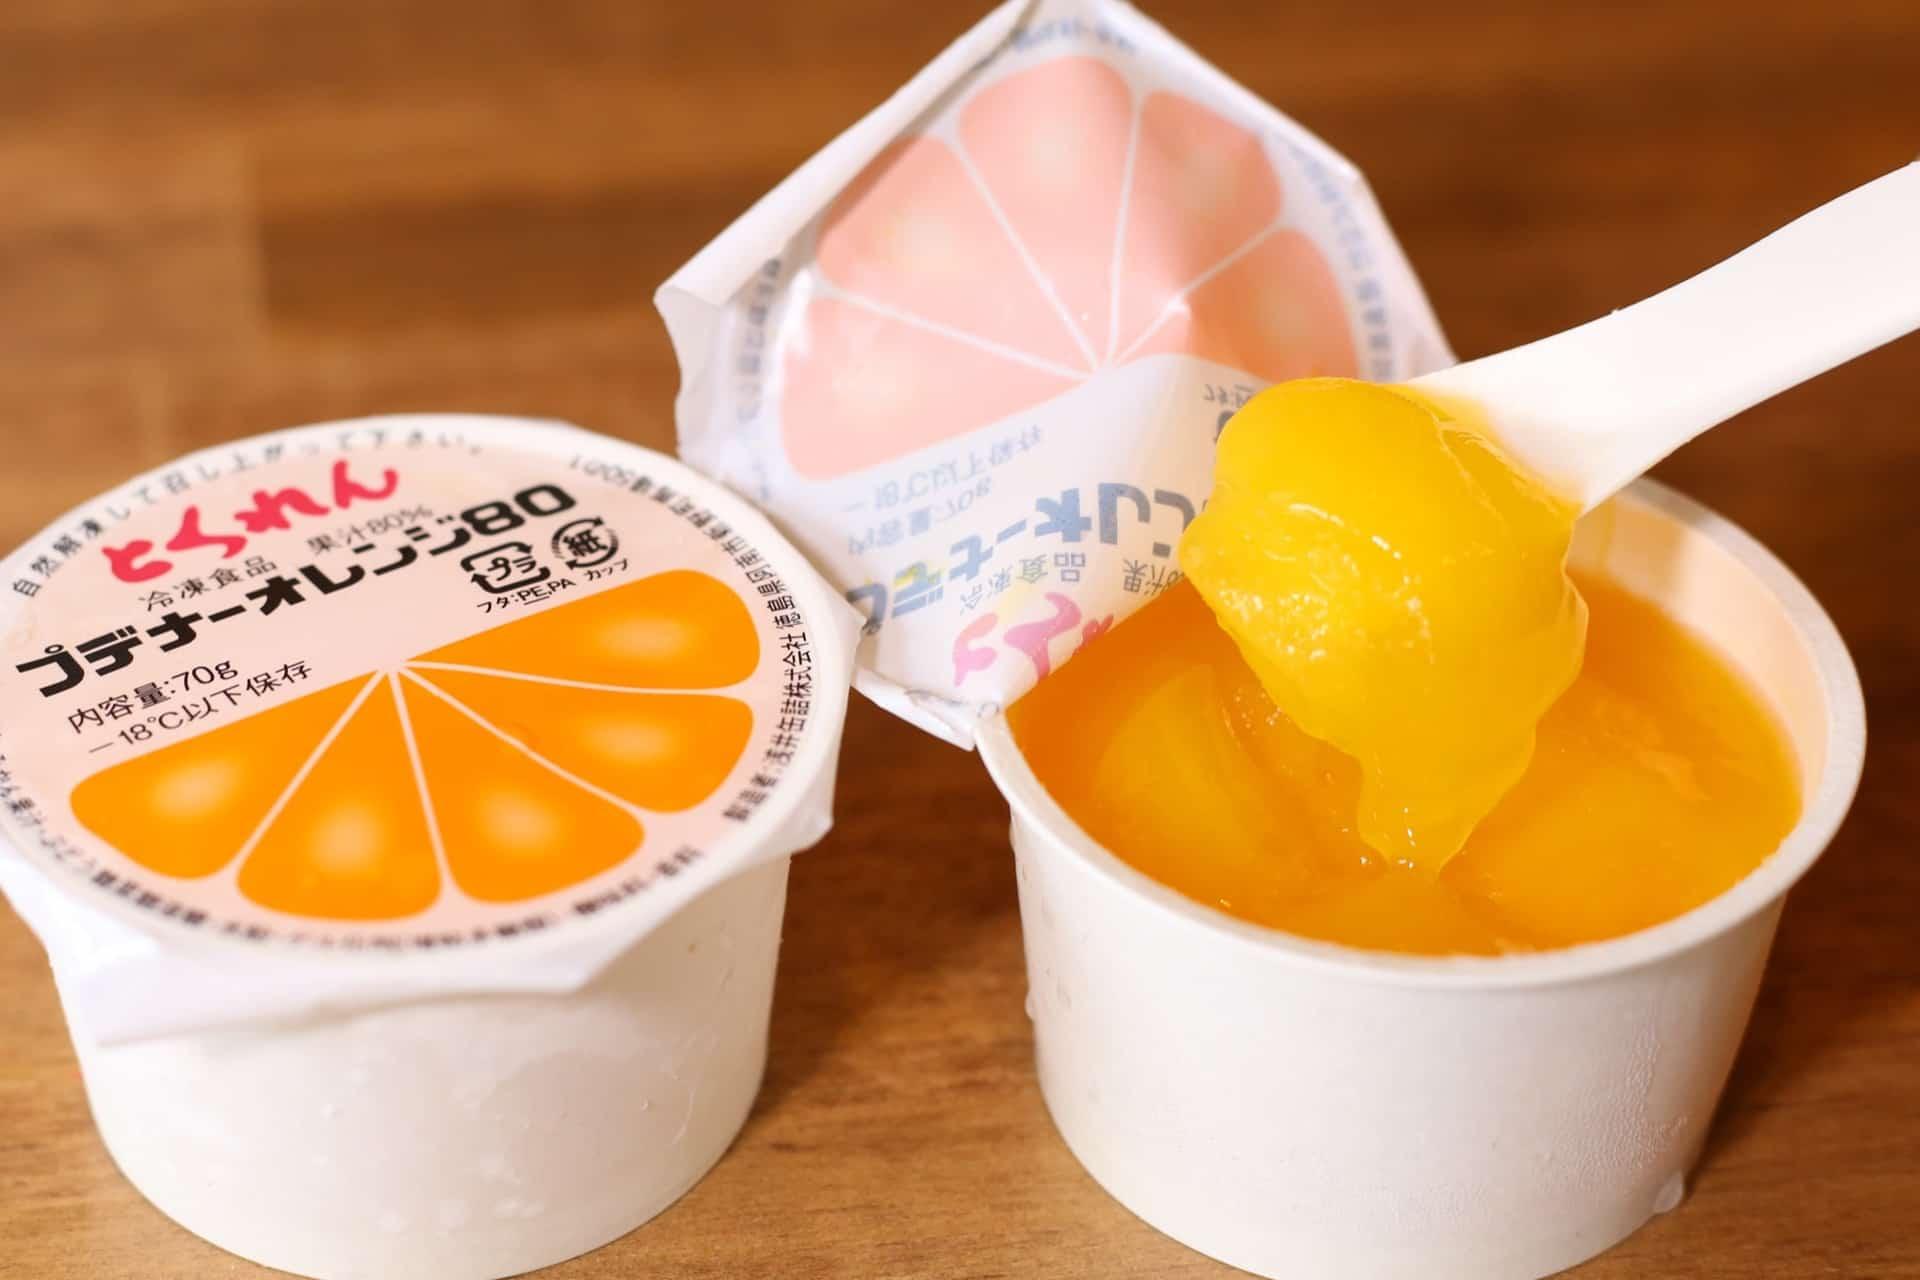 吉兵衛で「とくれんオレンジゼリー」が食べられる!神戸市民のソウルフードをお店・家で